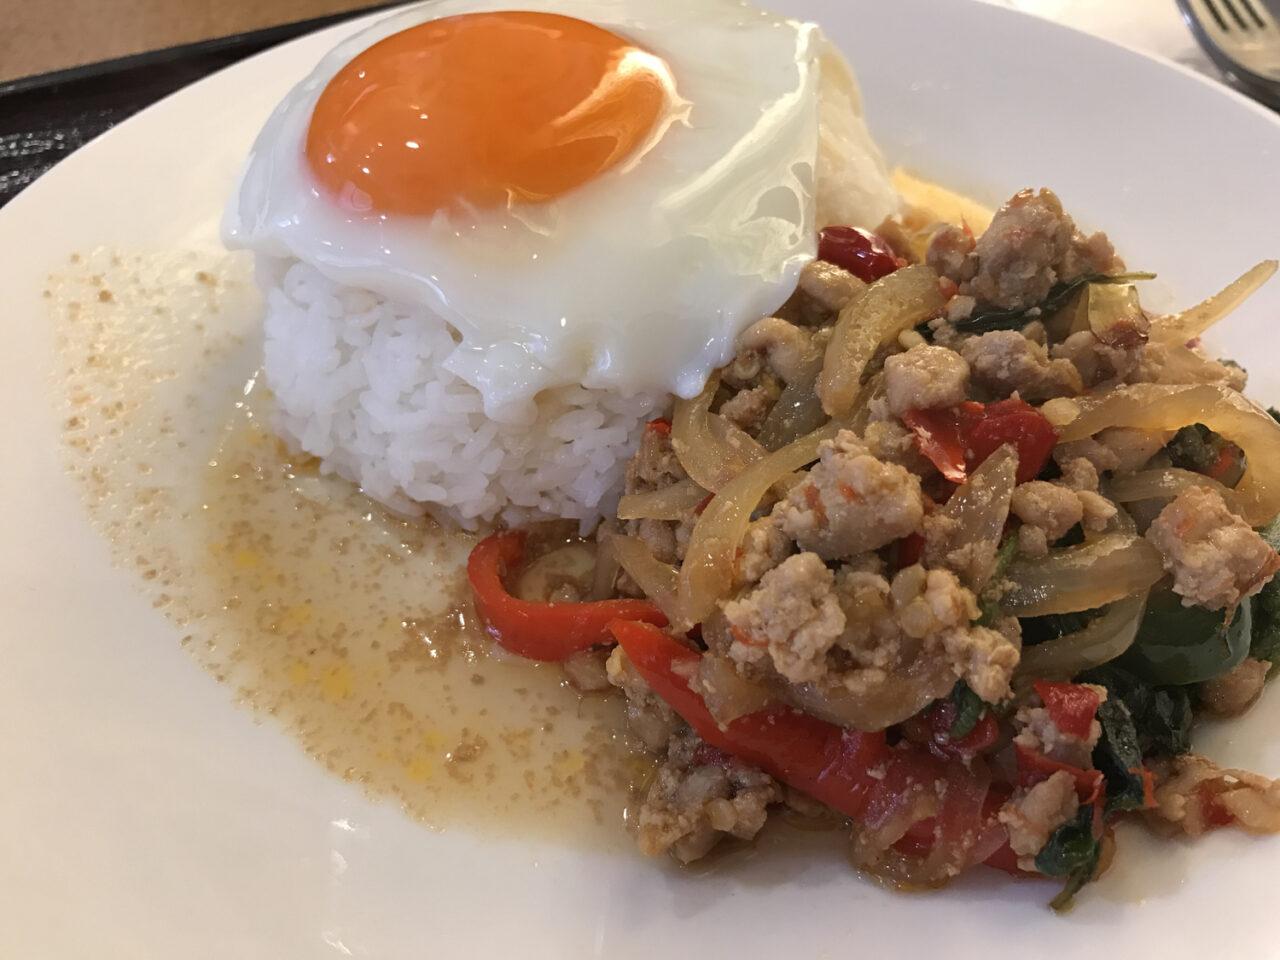 本場タイに行きたい食べTHAI?実は簡単に作れましたエスニック料理レシピ18選